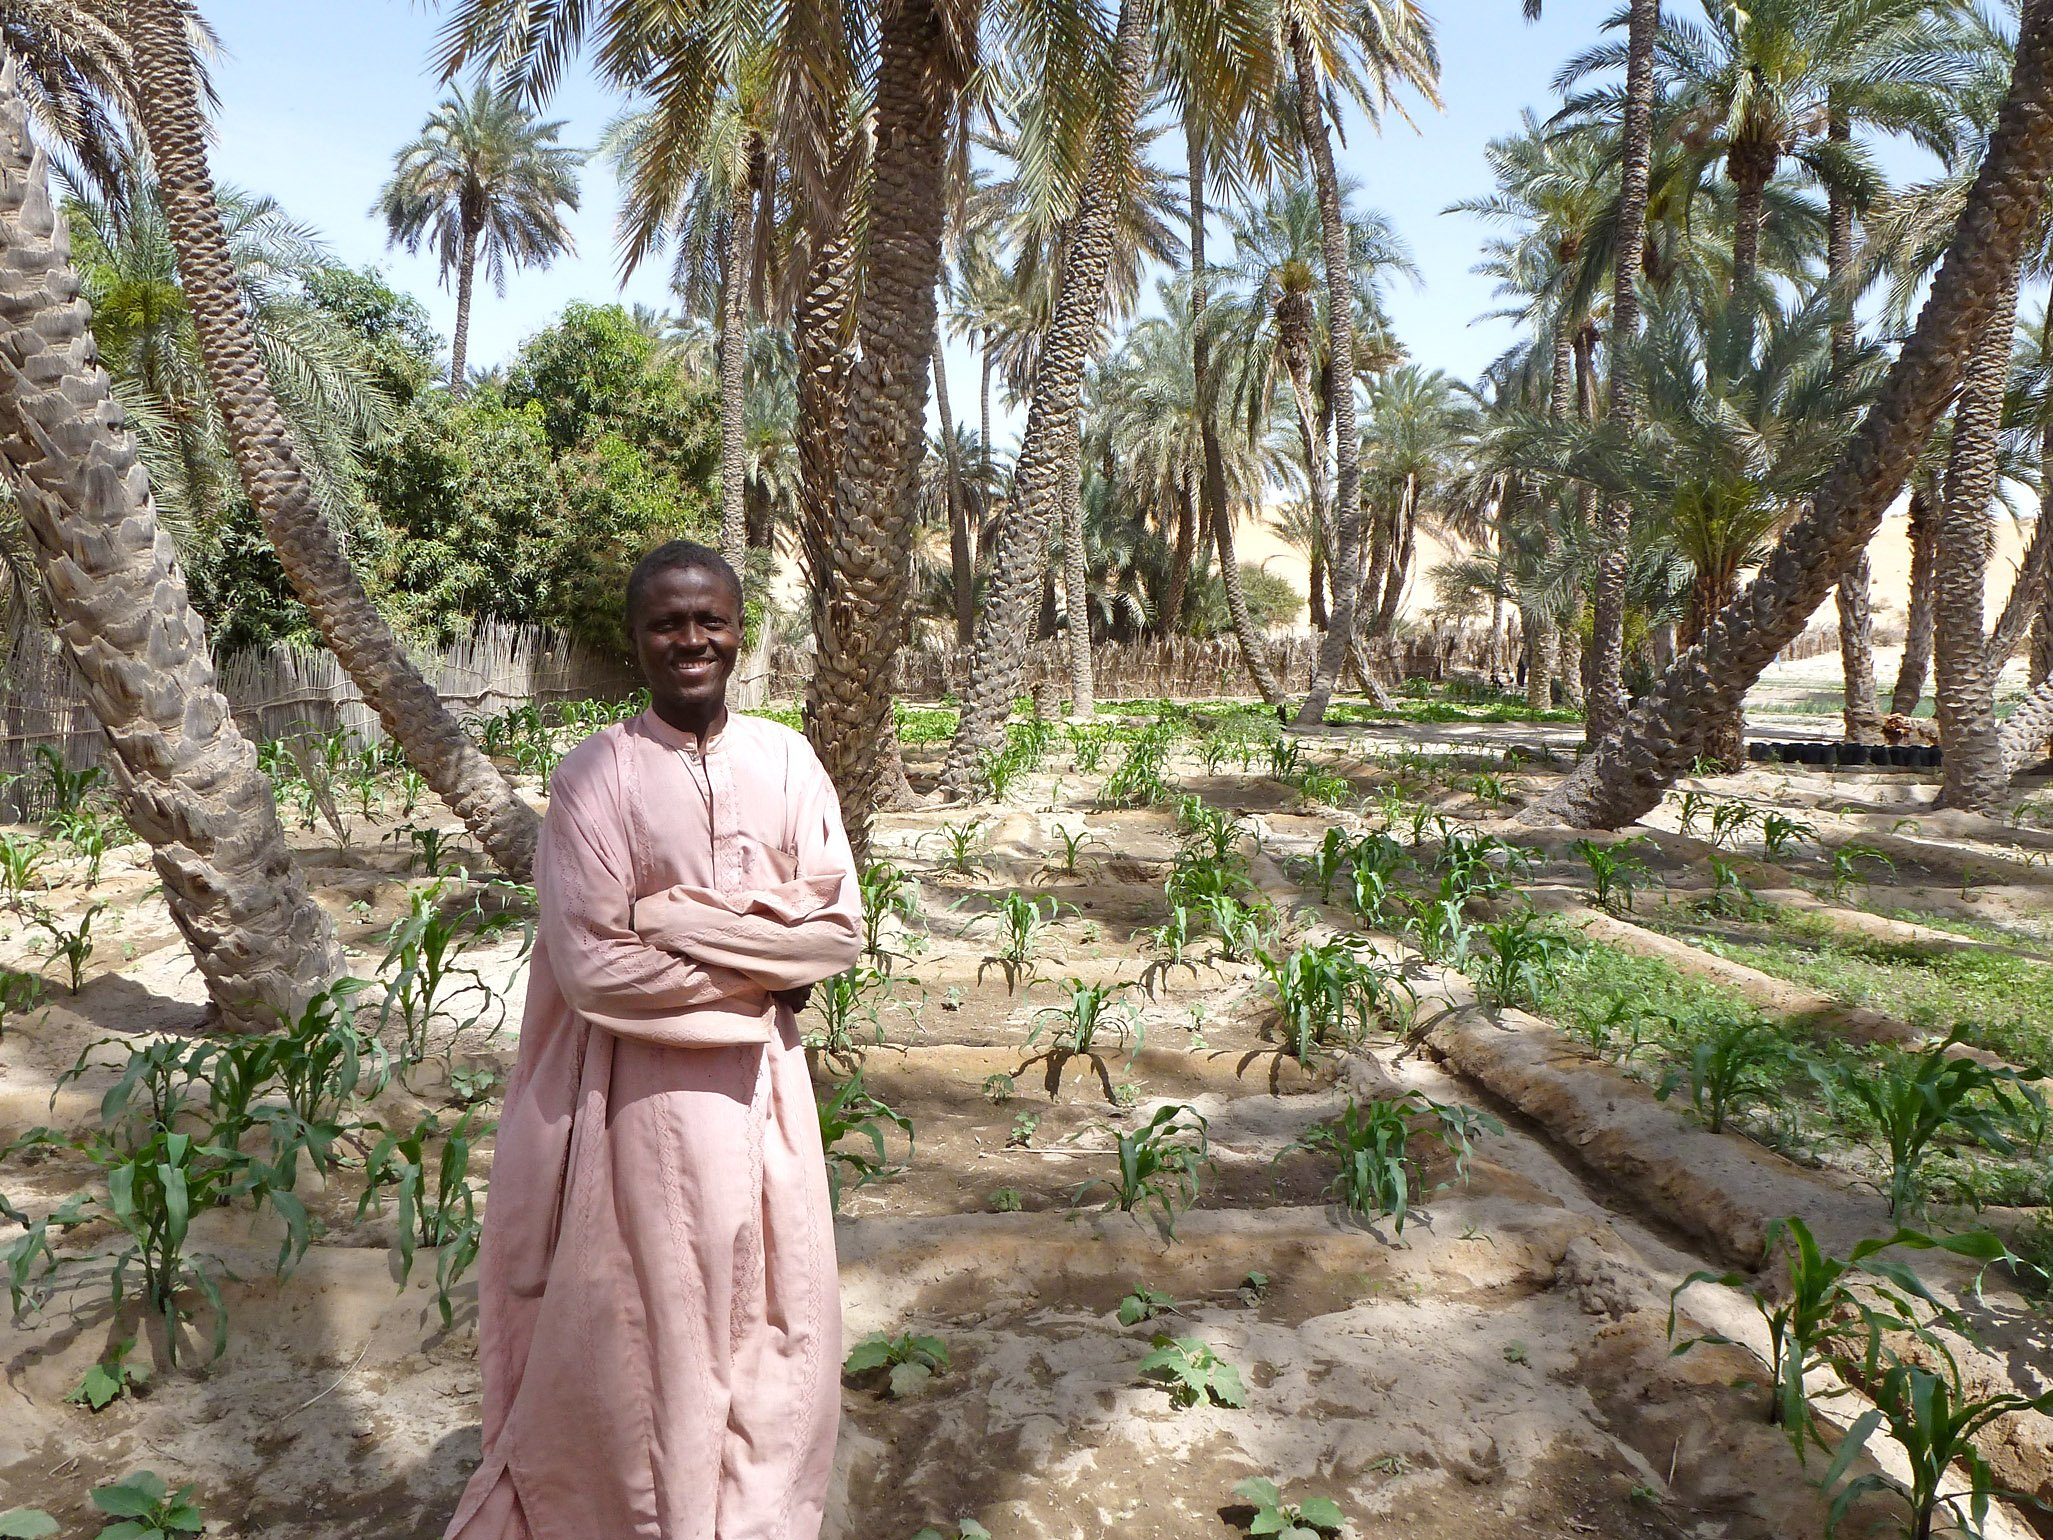 Irin l agriculture durable est elle possible au sahel for L agriculture